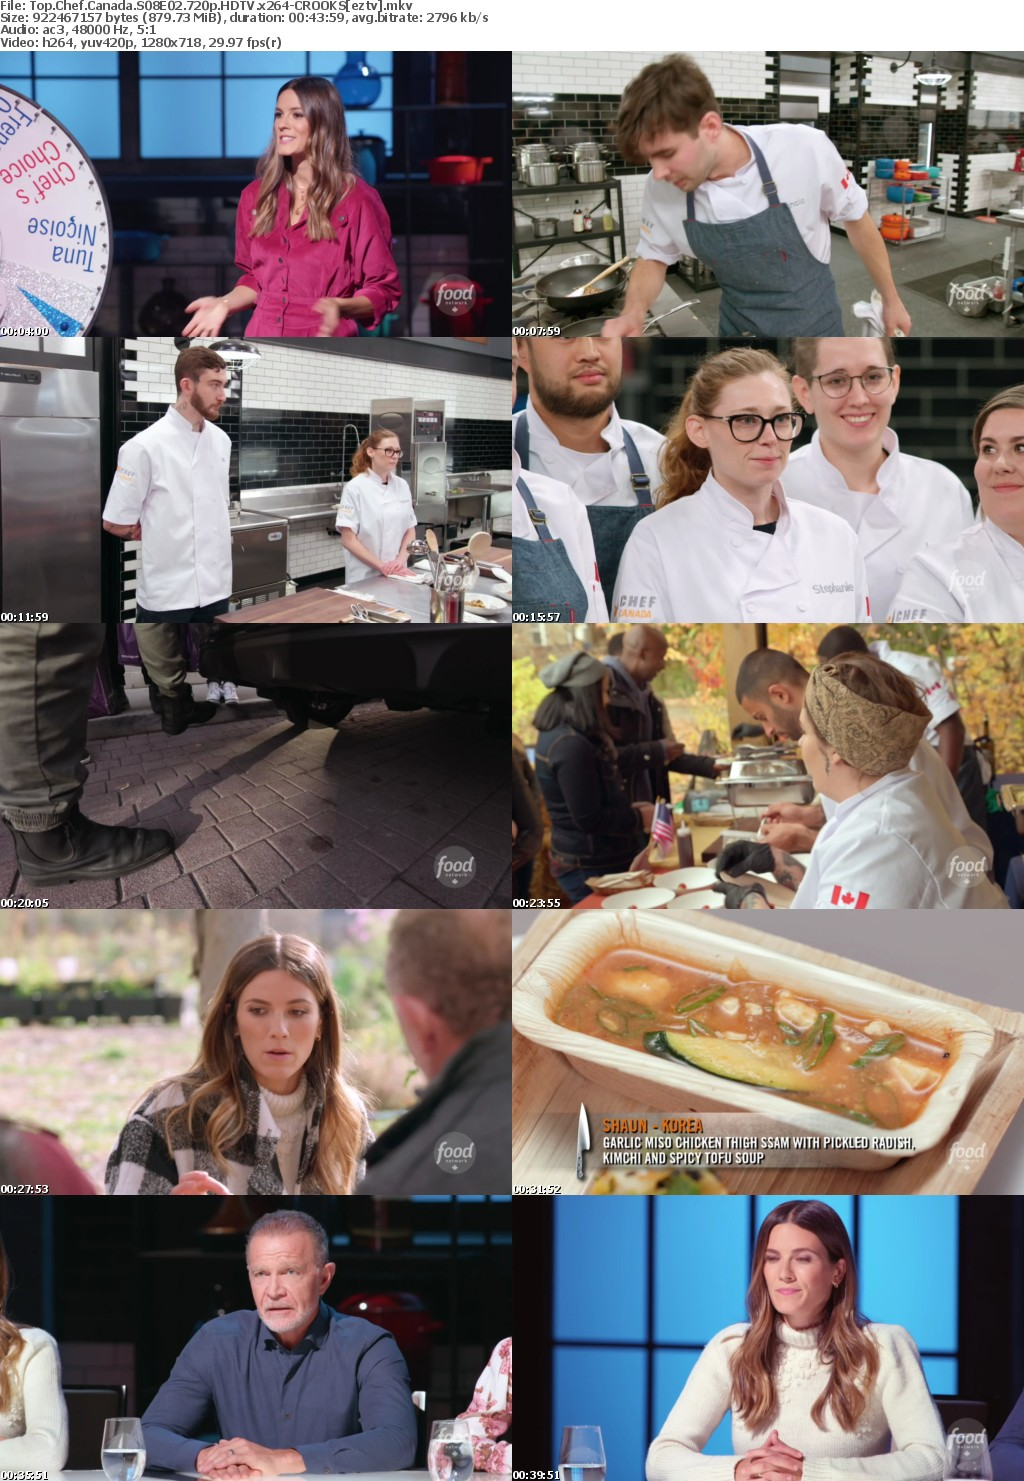 Top Chef Canada S08E02 720p HDTV x264-CROOKS